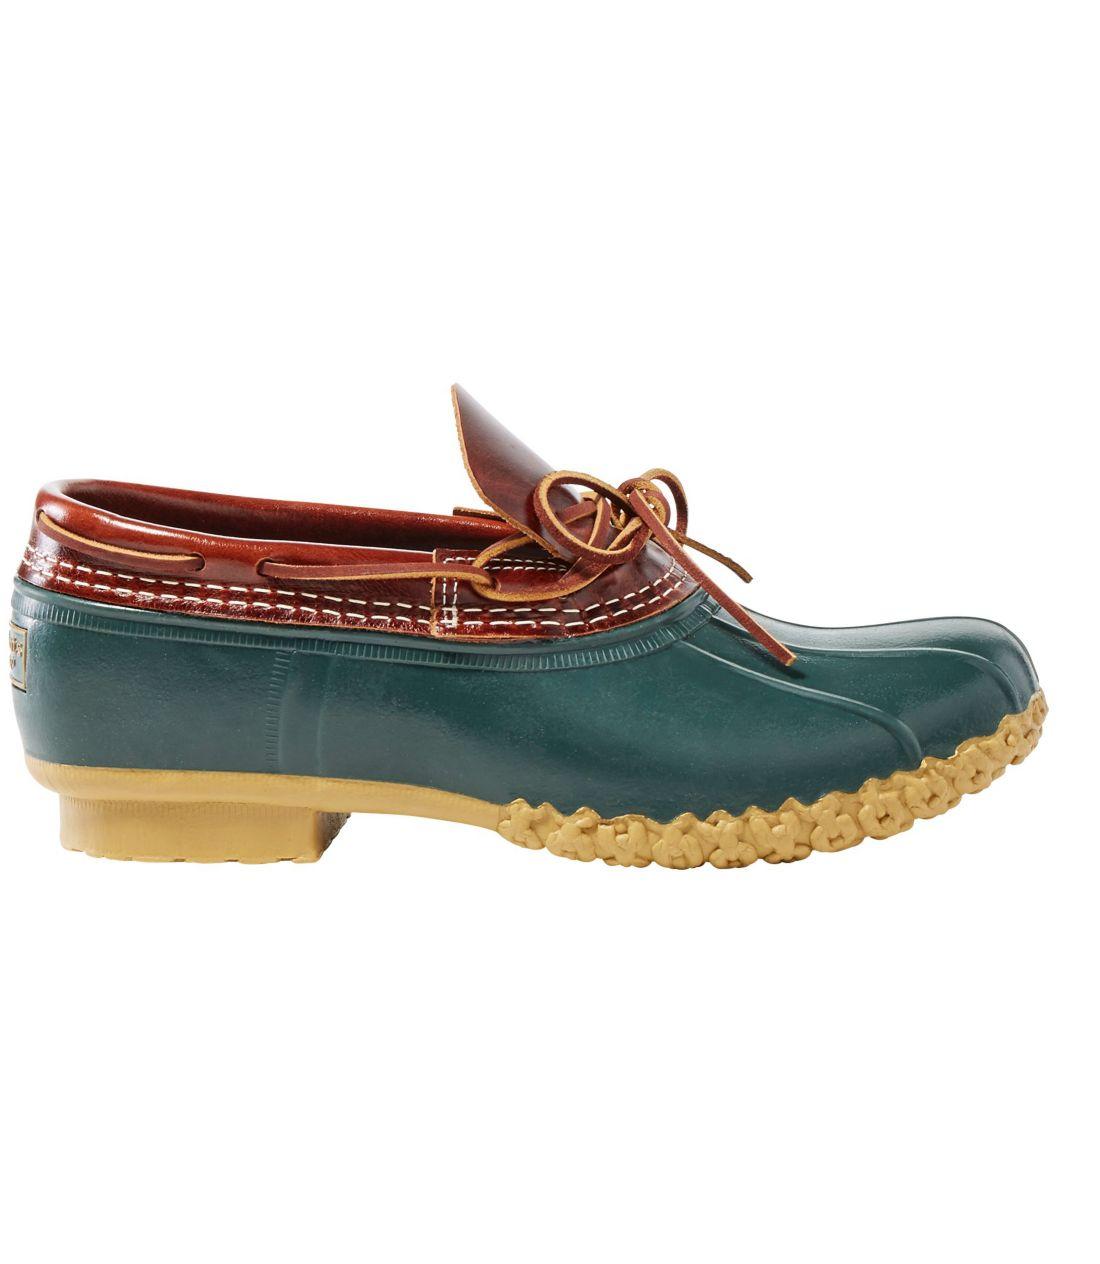 エル・エル・ビーン・ブーツ、ラバー・モカシン/Men's L.L.Bean Bean Boots, Rubber Moccasins